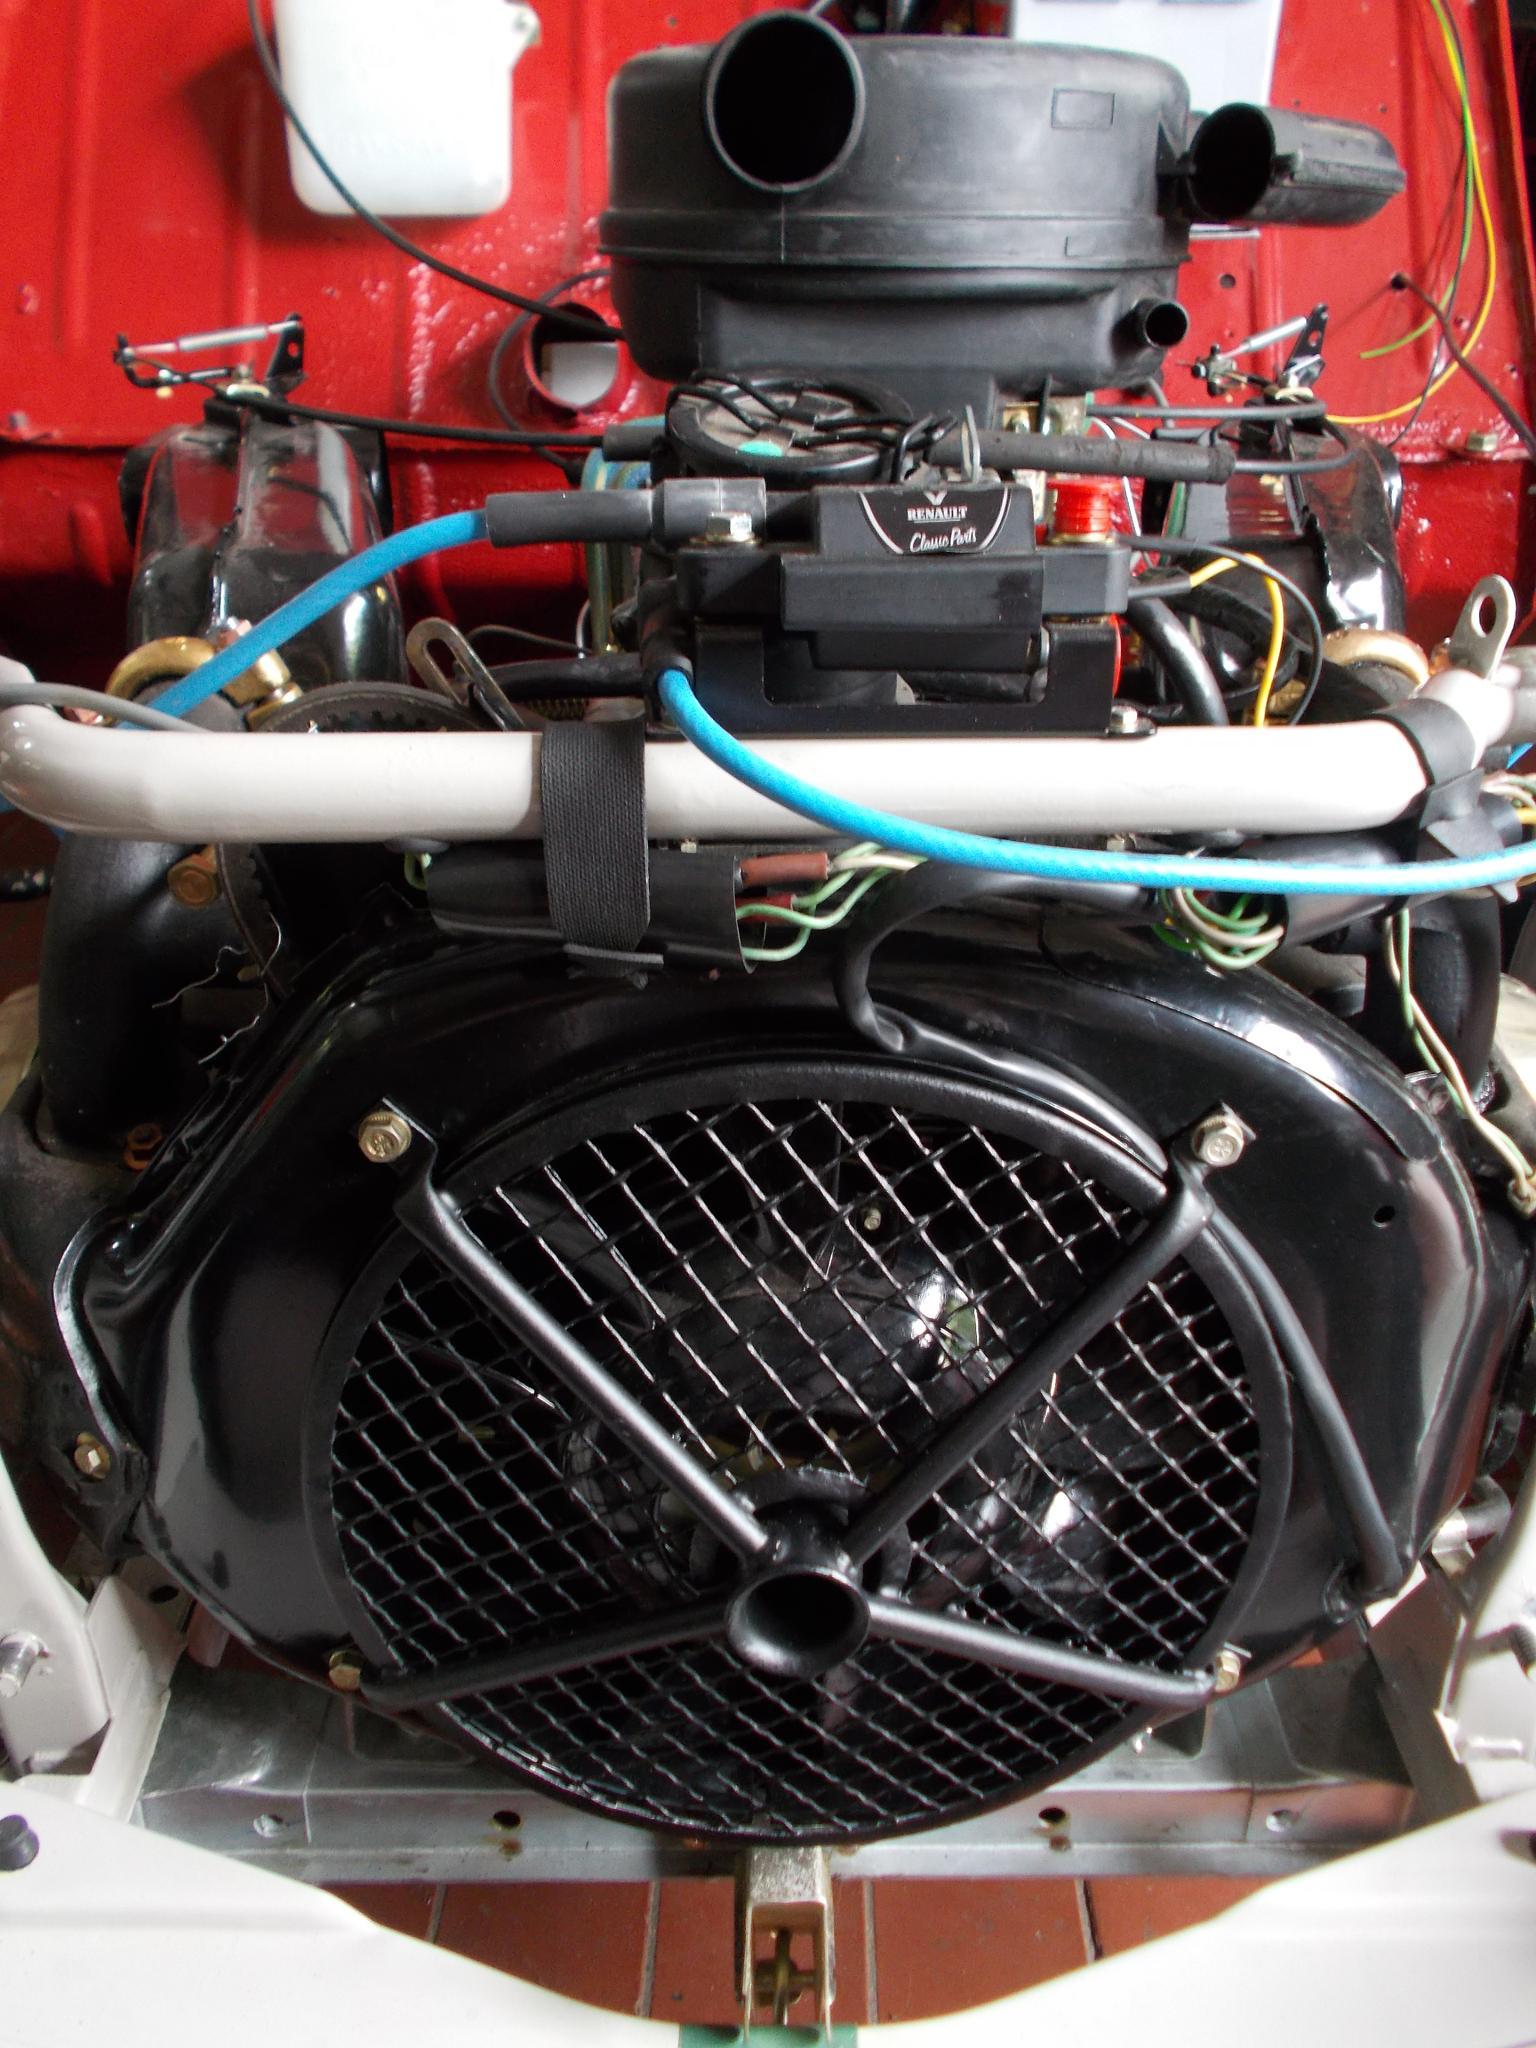 2CV Motor by Marianne Fischer